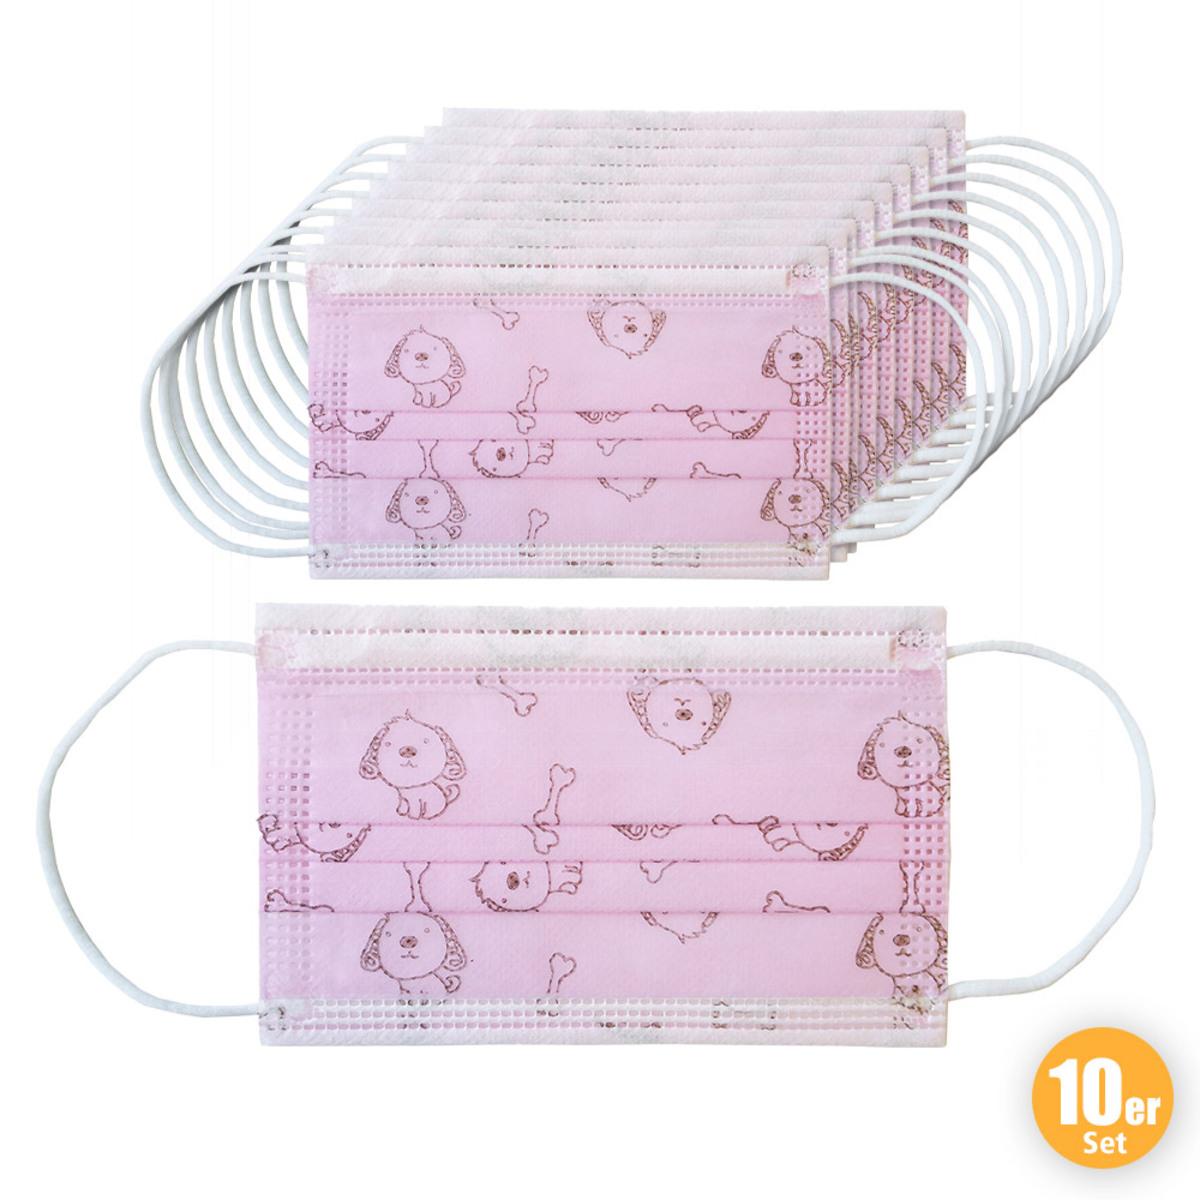 Bild 1 von Ahlekang Kindermaske 10er Pack rosa